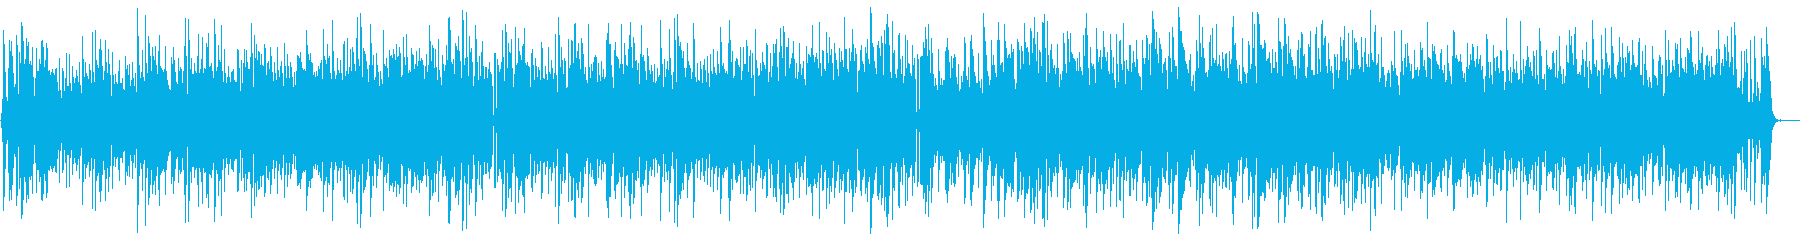 マイ・ボニー 女性ジャズの再生済みの波形